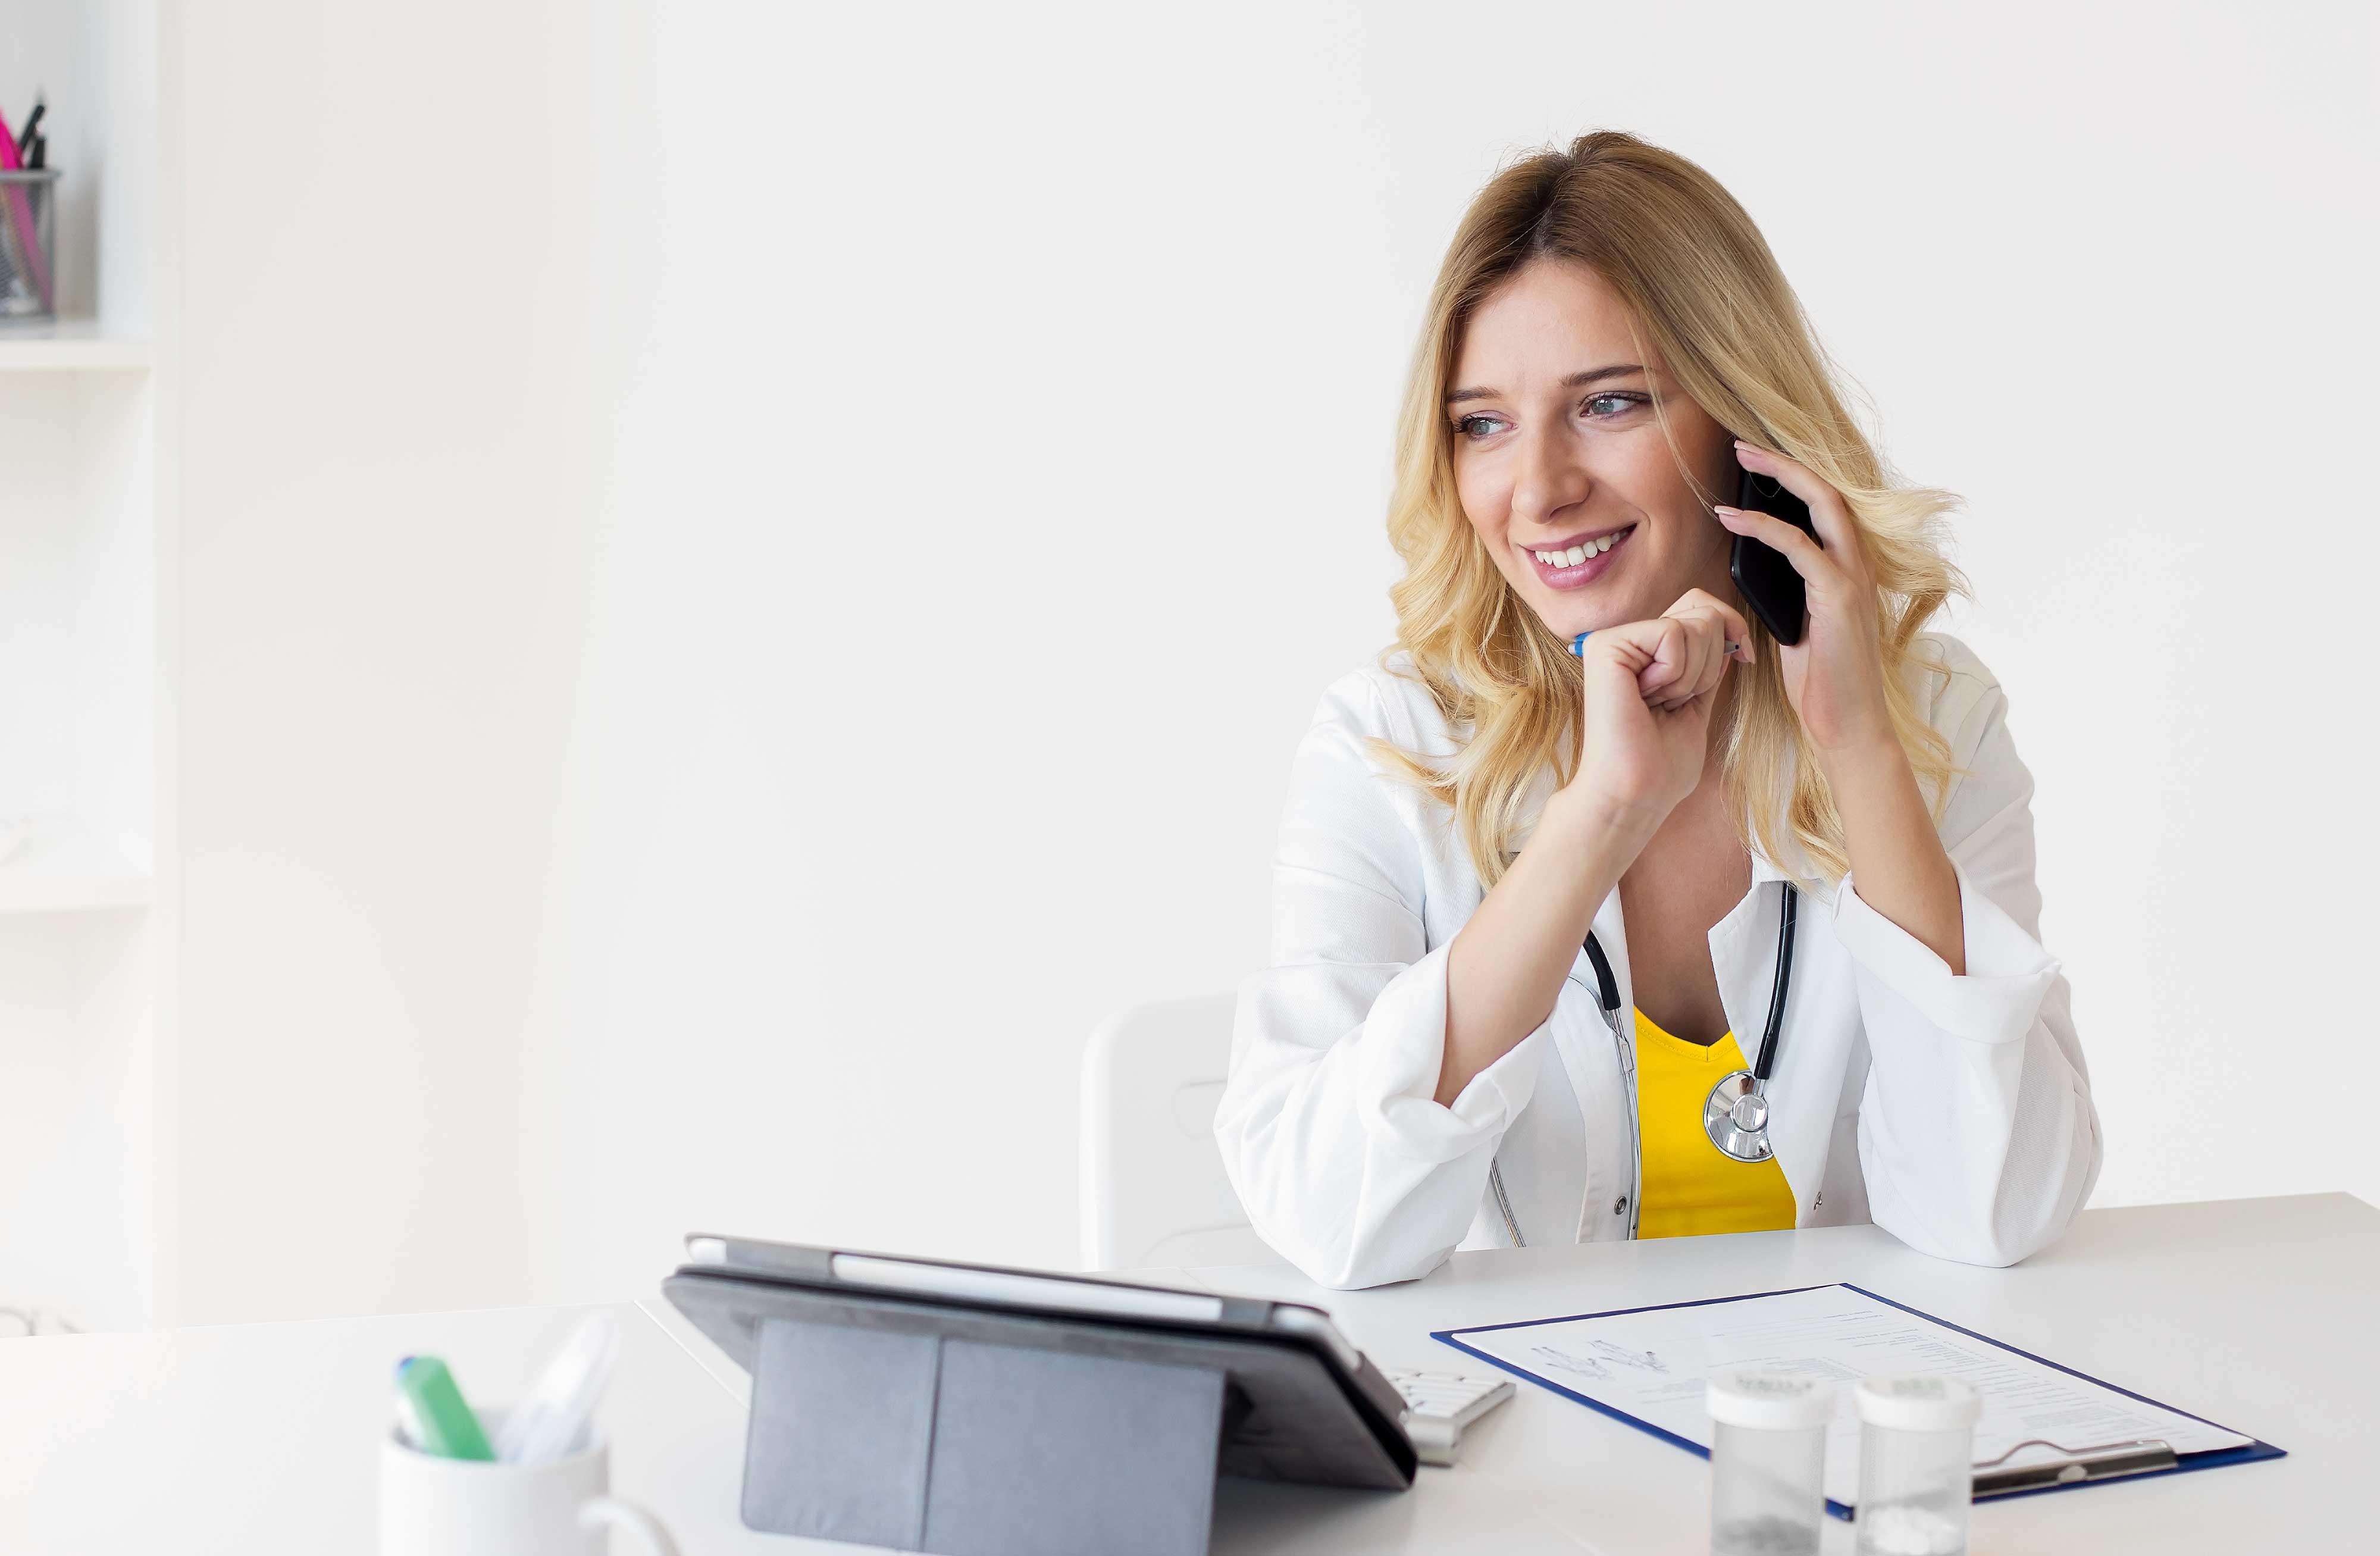 Exklusives Sunrise-Angebot für Vitodata Kunden: Telefonieren und surfen zum absoluten Vorzugstarif